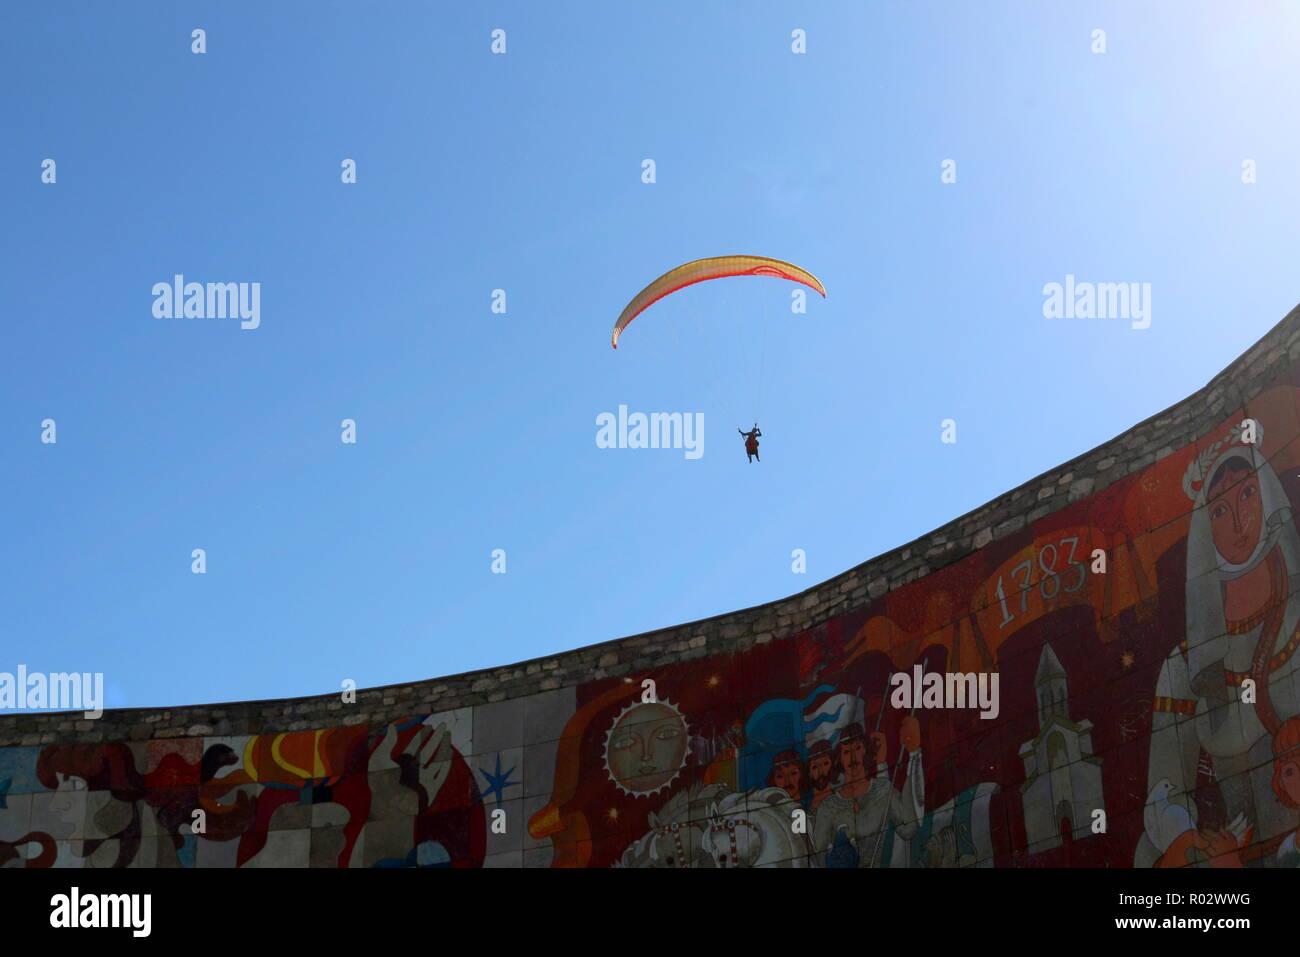 Un hangglider avec une ouverture du parachute sur le Traité de Georgievsk monument qui symbolise l'amitié russo-géorgien Photo Stock